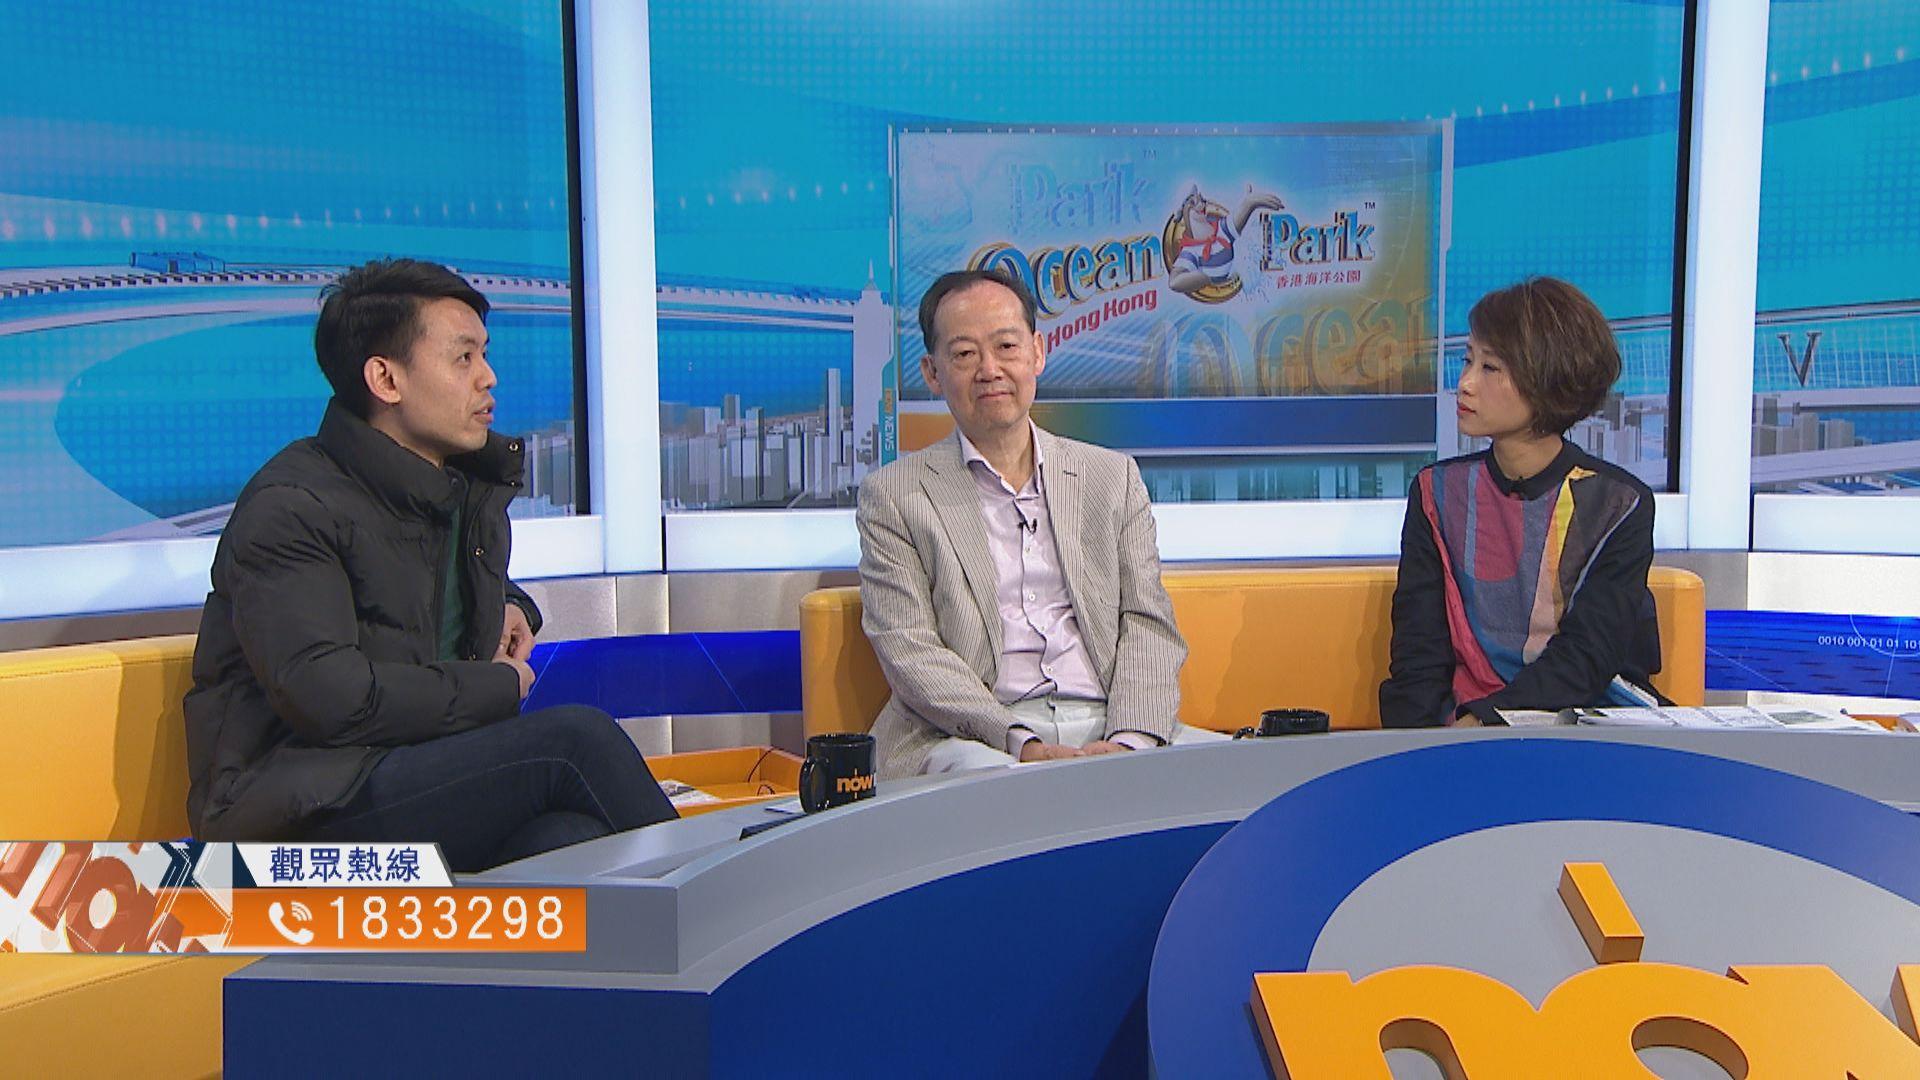 【時事全方位】海洋公園百億擴建計劃(三)